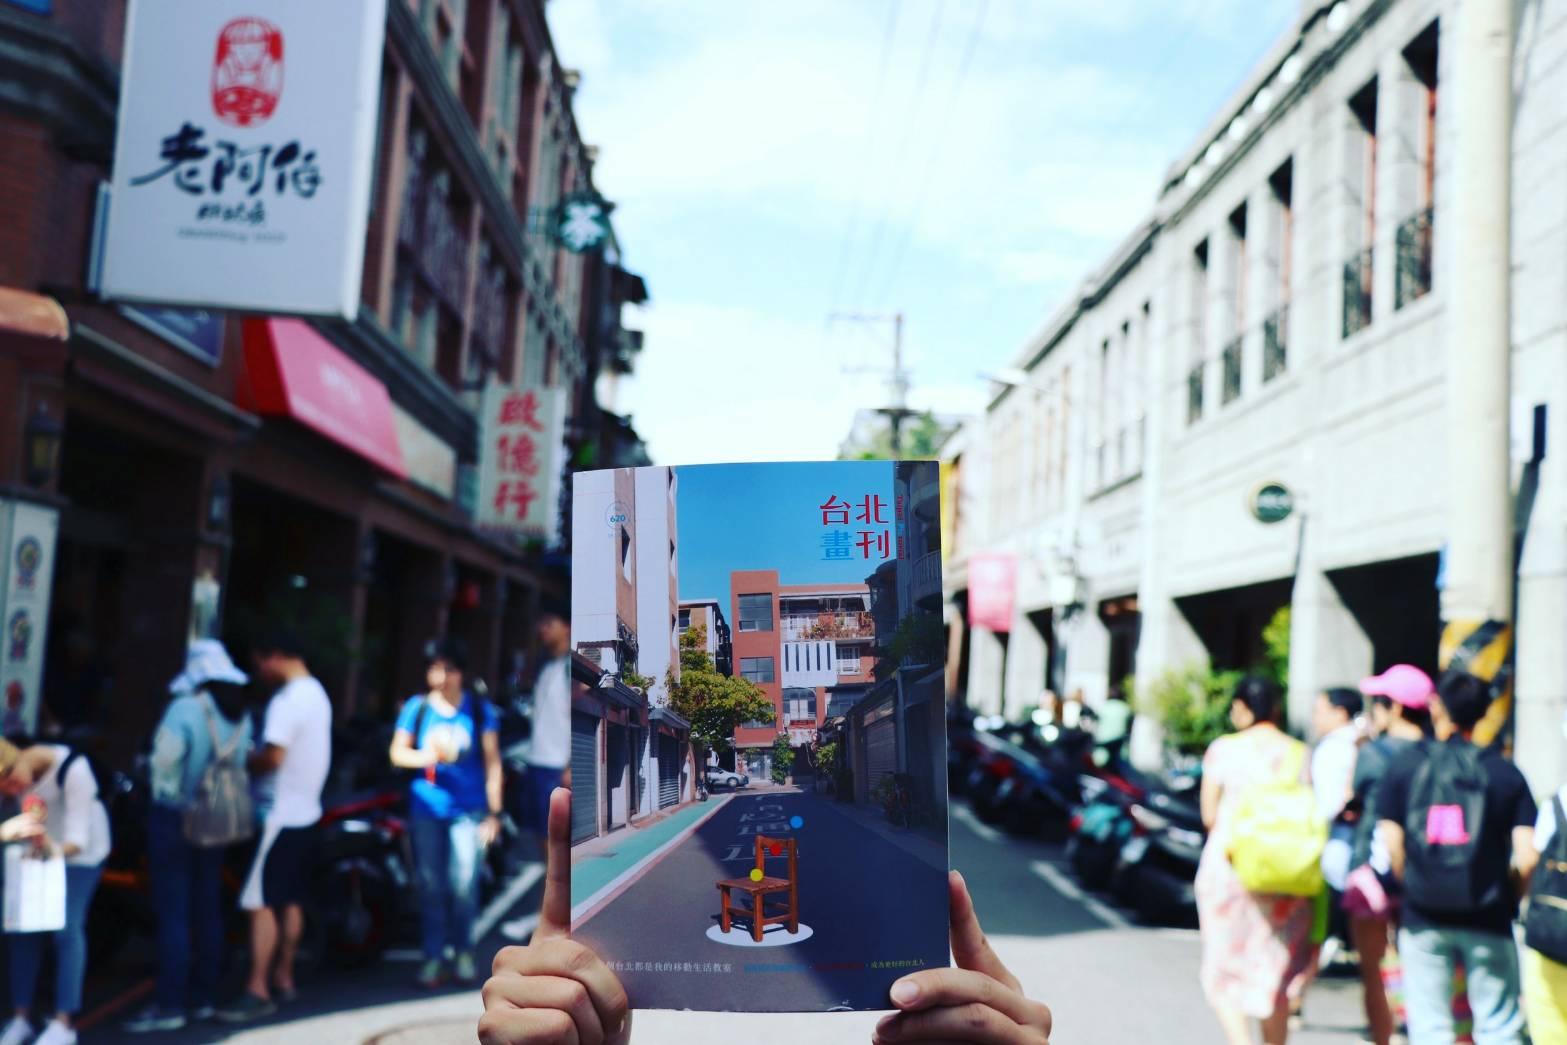 本期畫刊將台北當作大型的生活教室,鼓勵民眾探索這座城市的特有故事,為生活帶來驚喜。